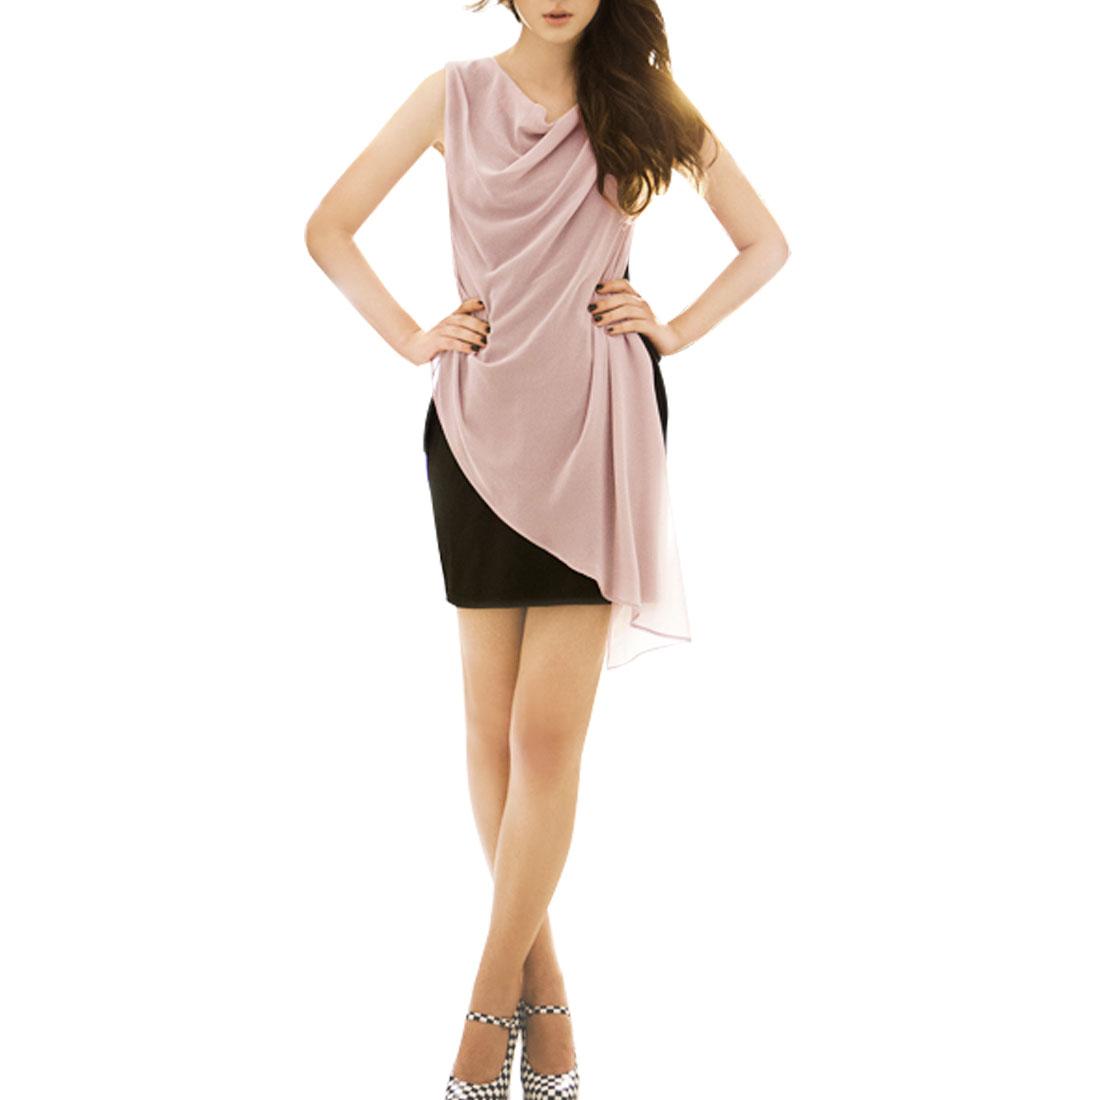 Ladies Sleeveless Two Way Wear Irregular Above Knee Dress Pink XS